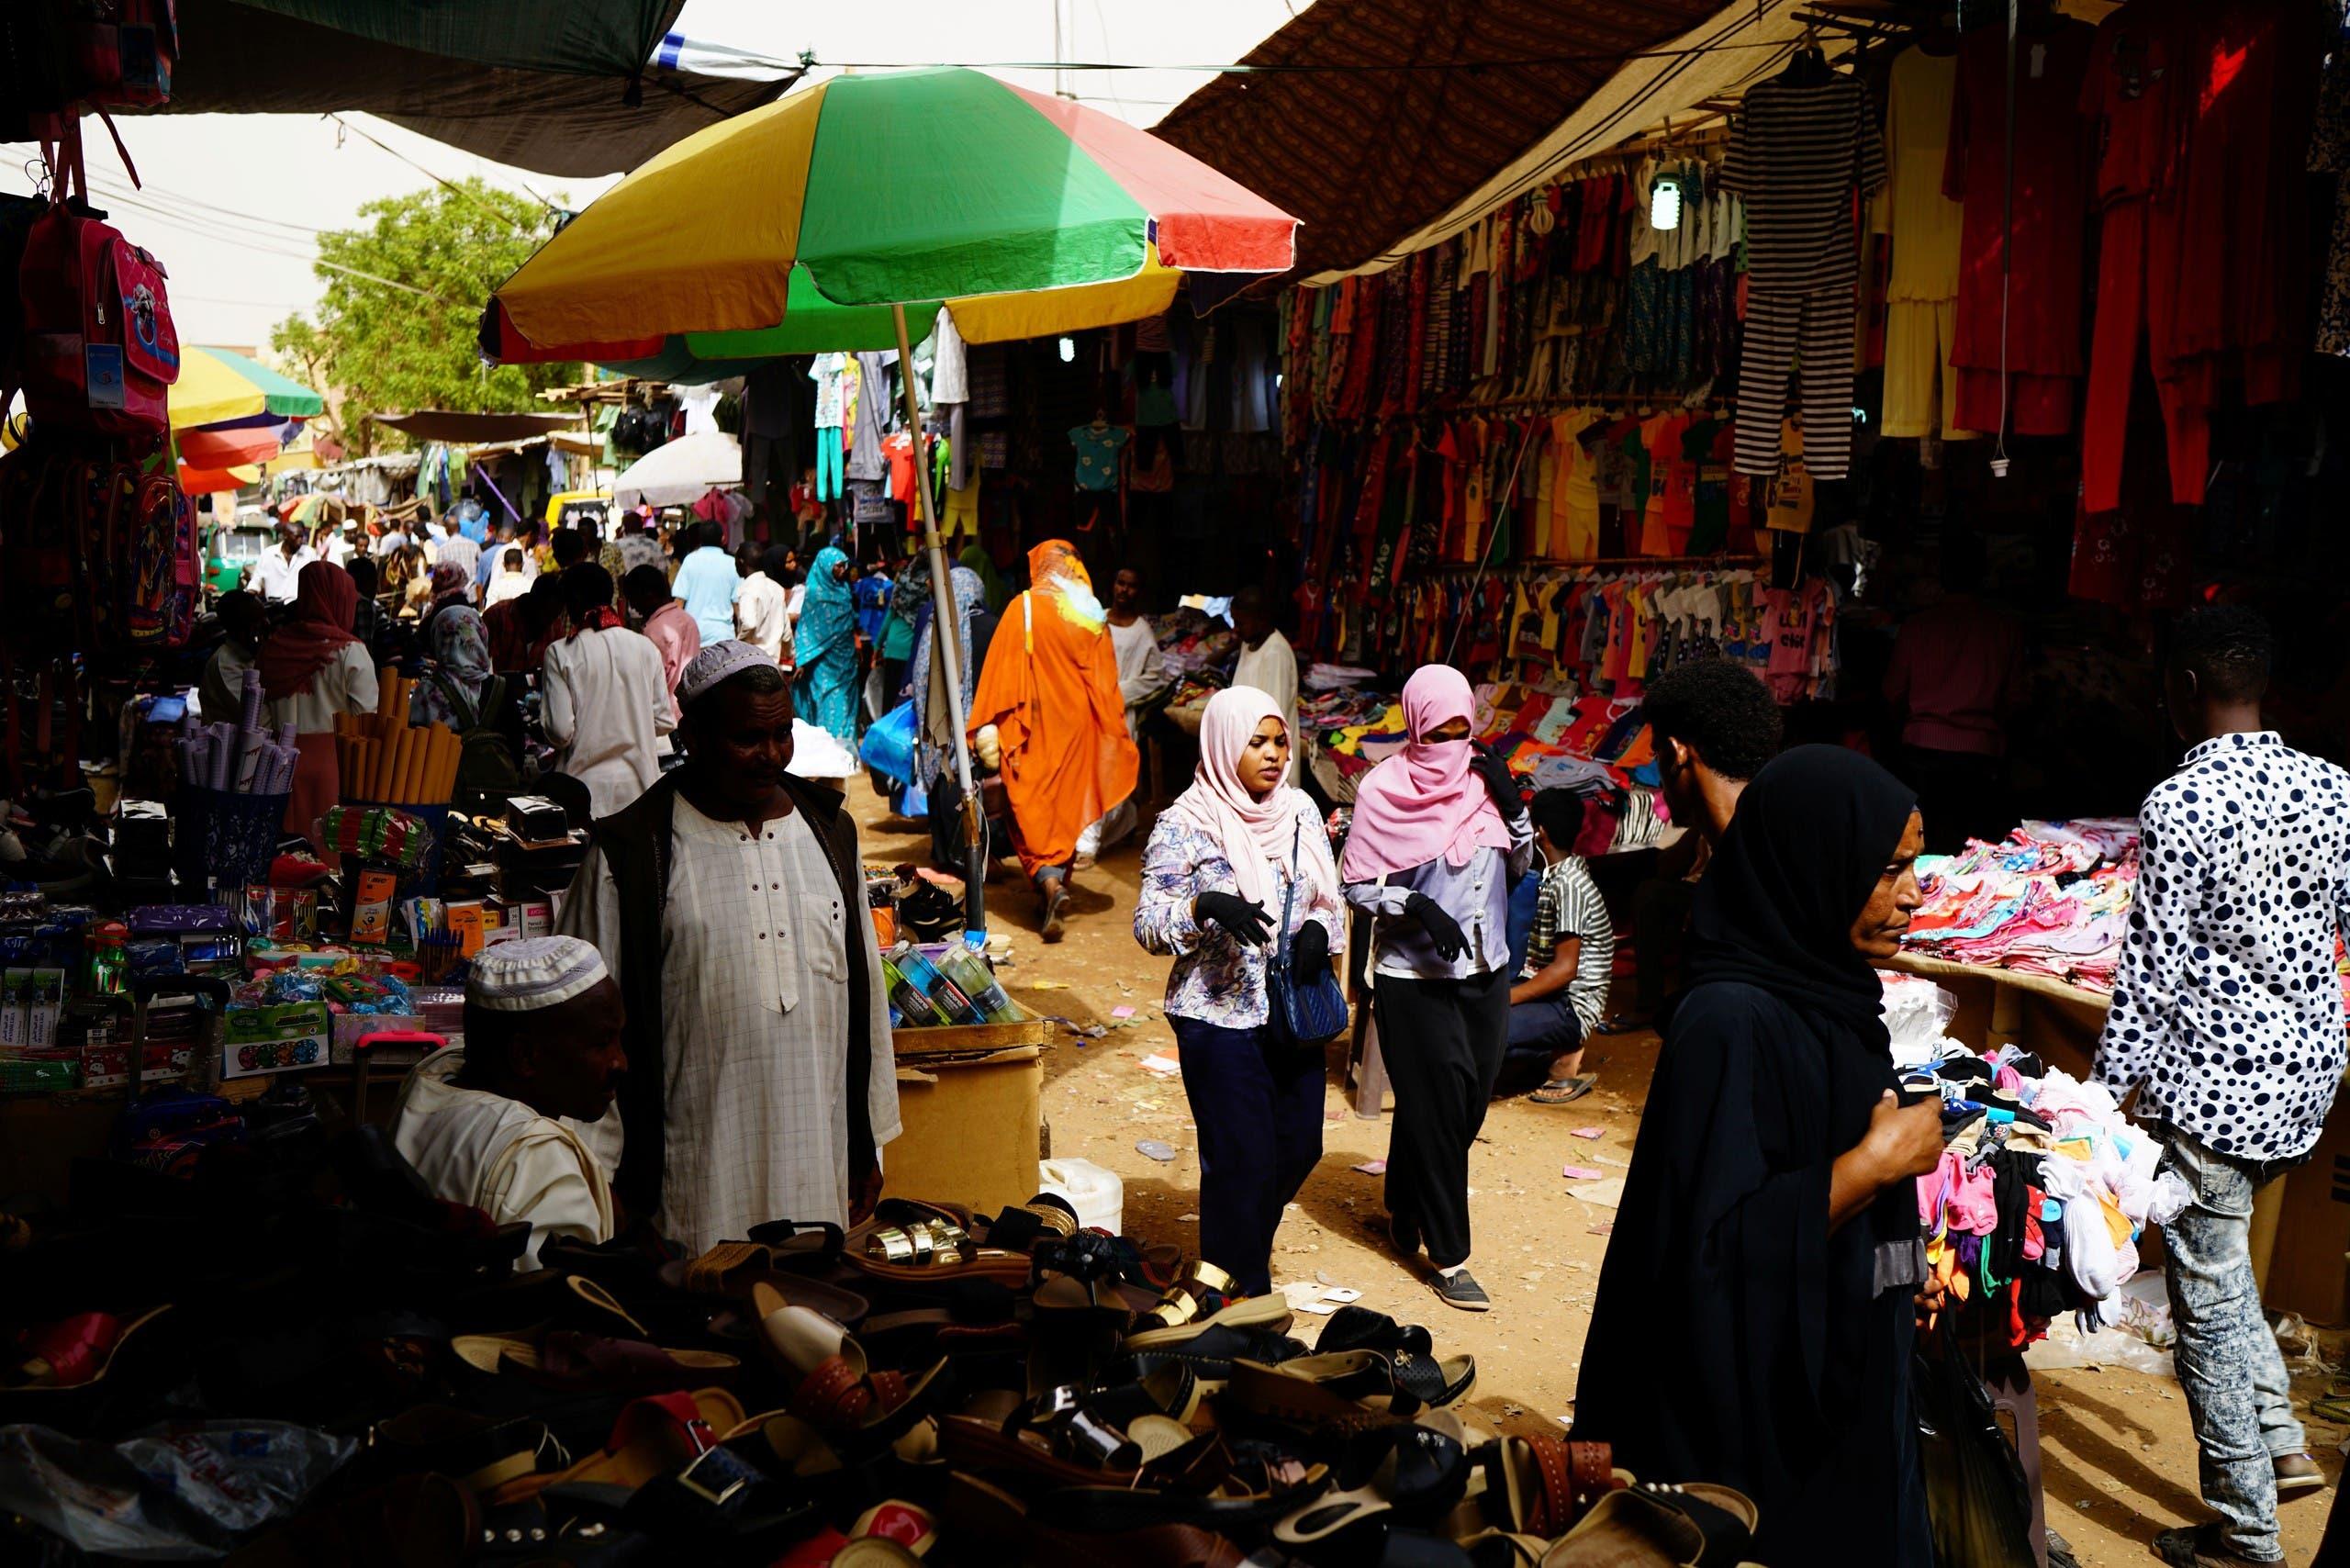 أحد أسواق الخرطوم الشعبية